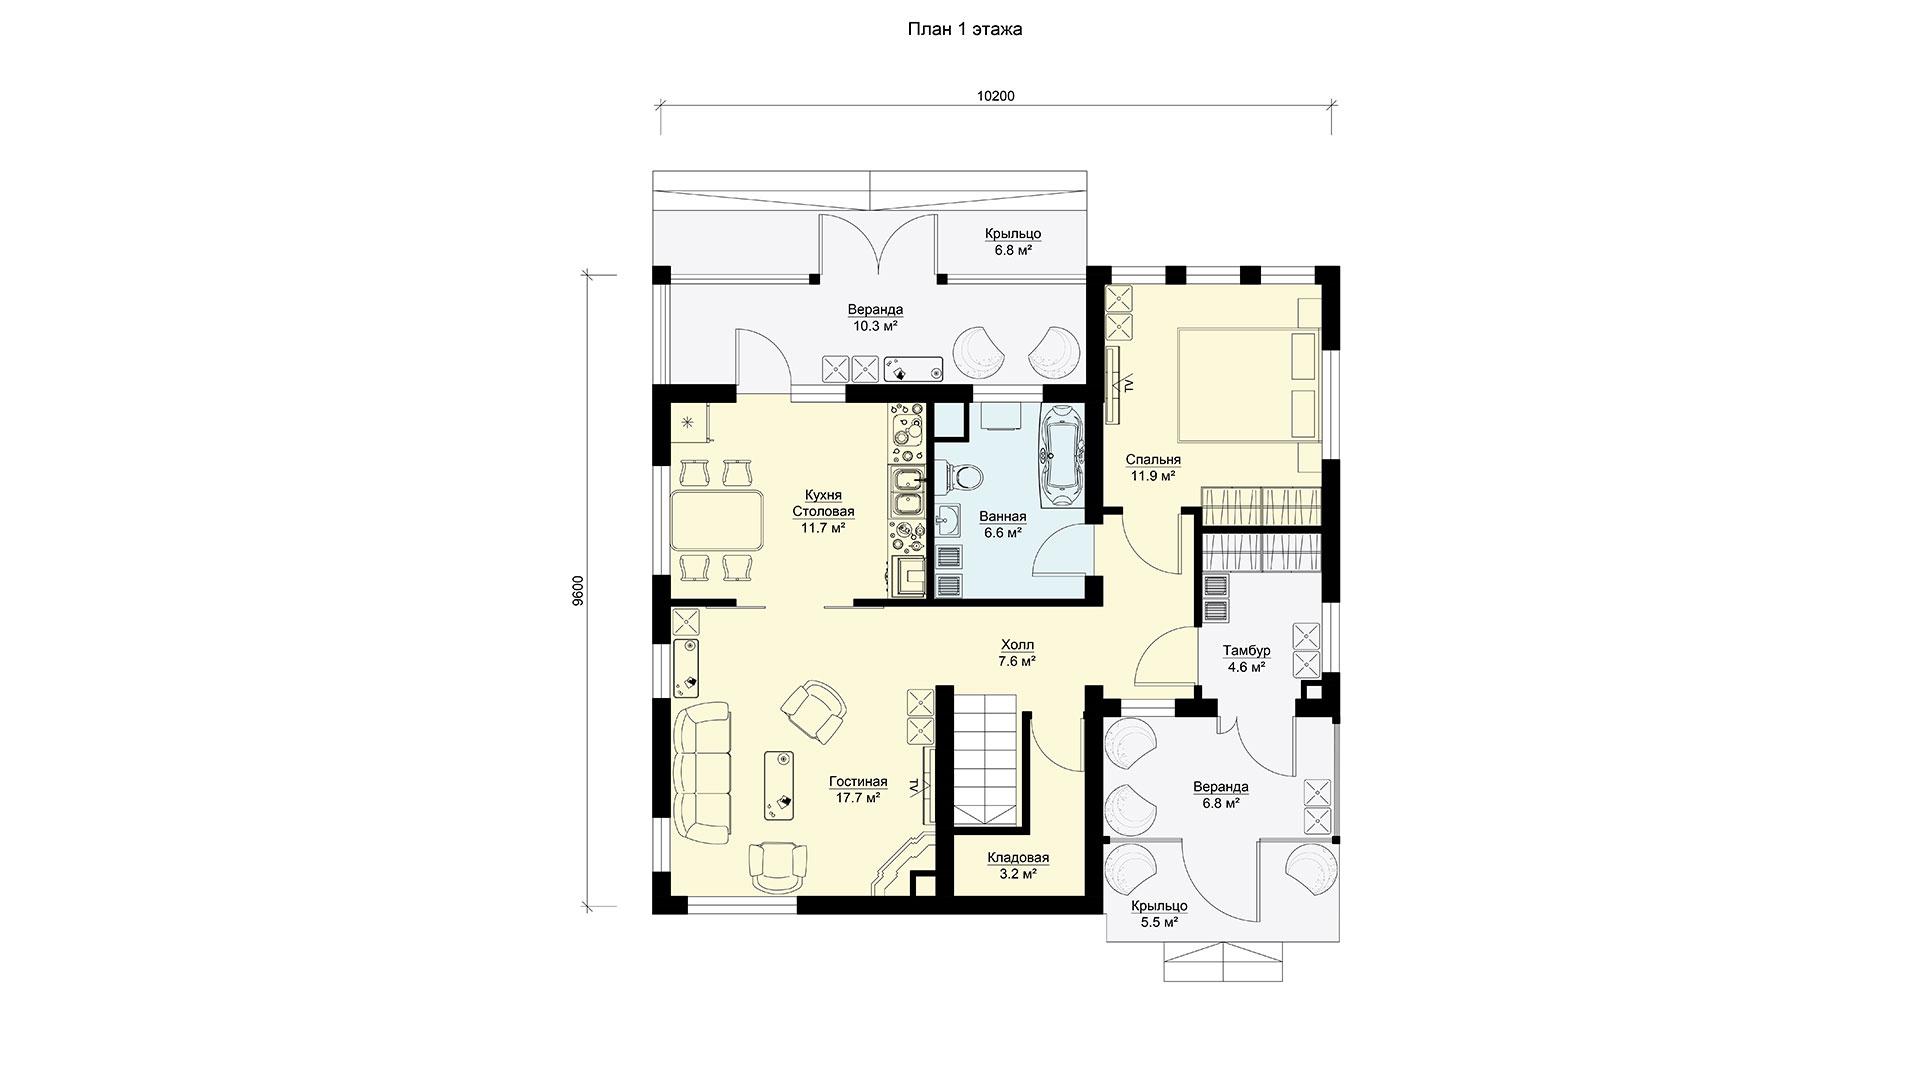 Планировка первого этажа проекта БП-186/2